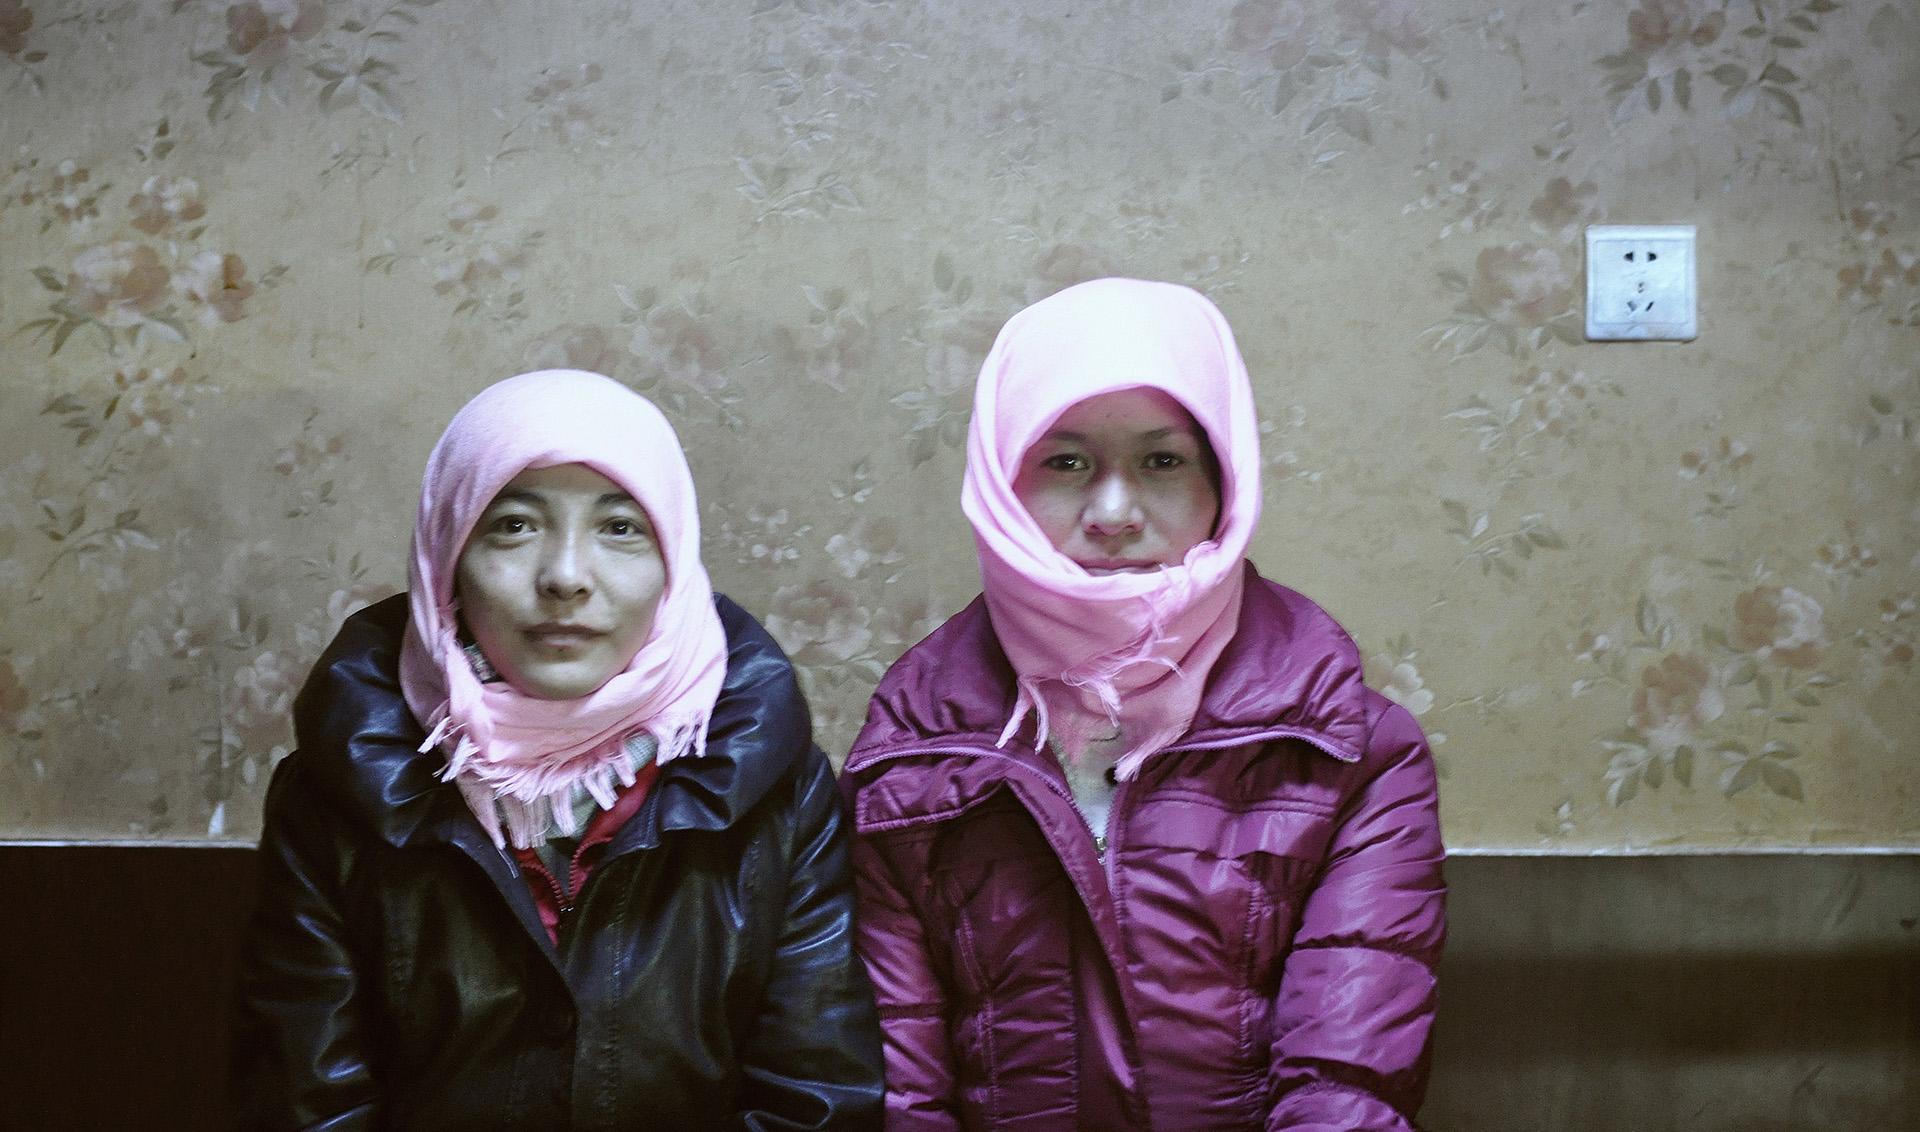 amdo-tibetan-headscarf.jpg